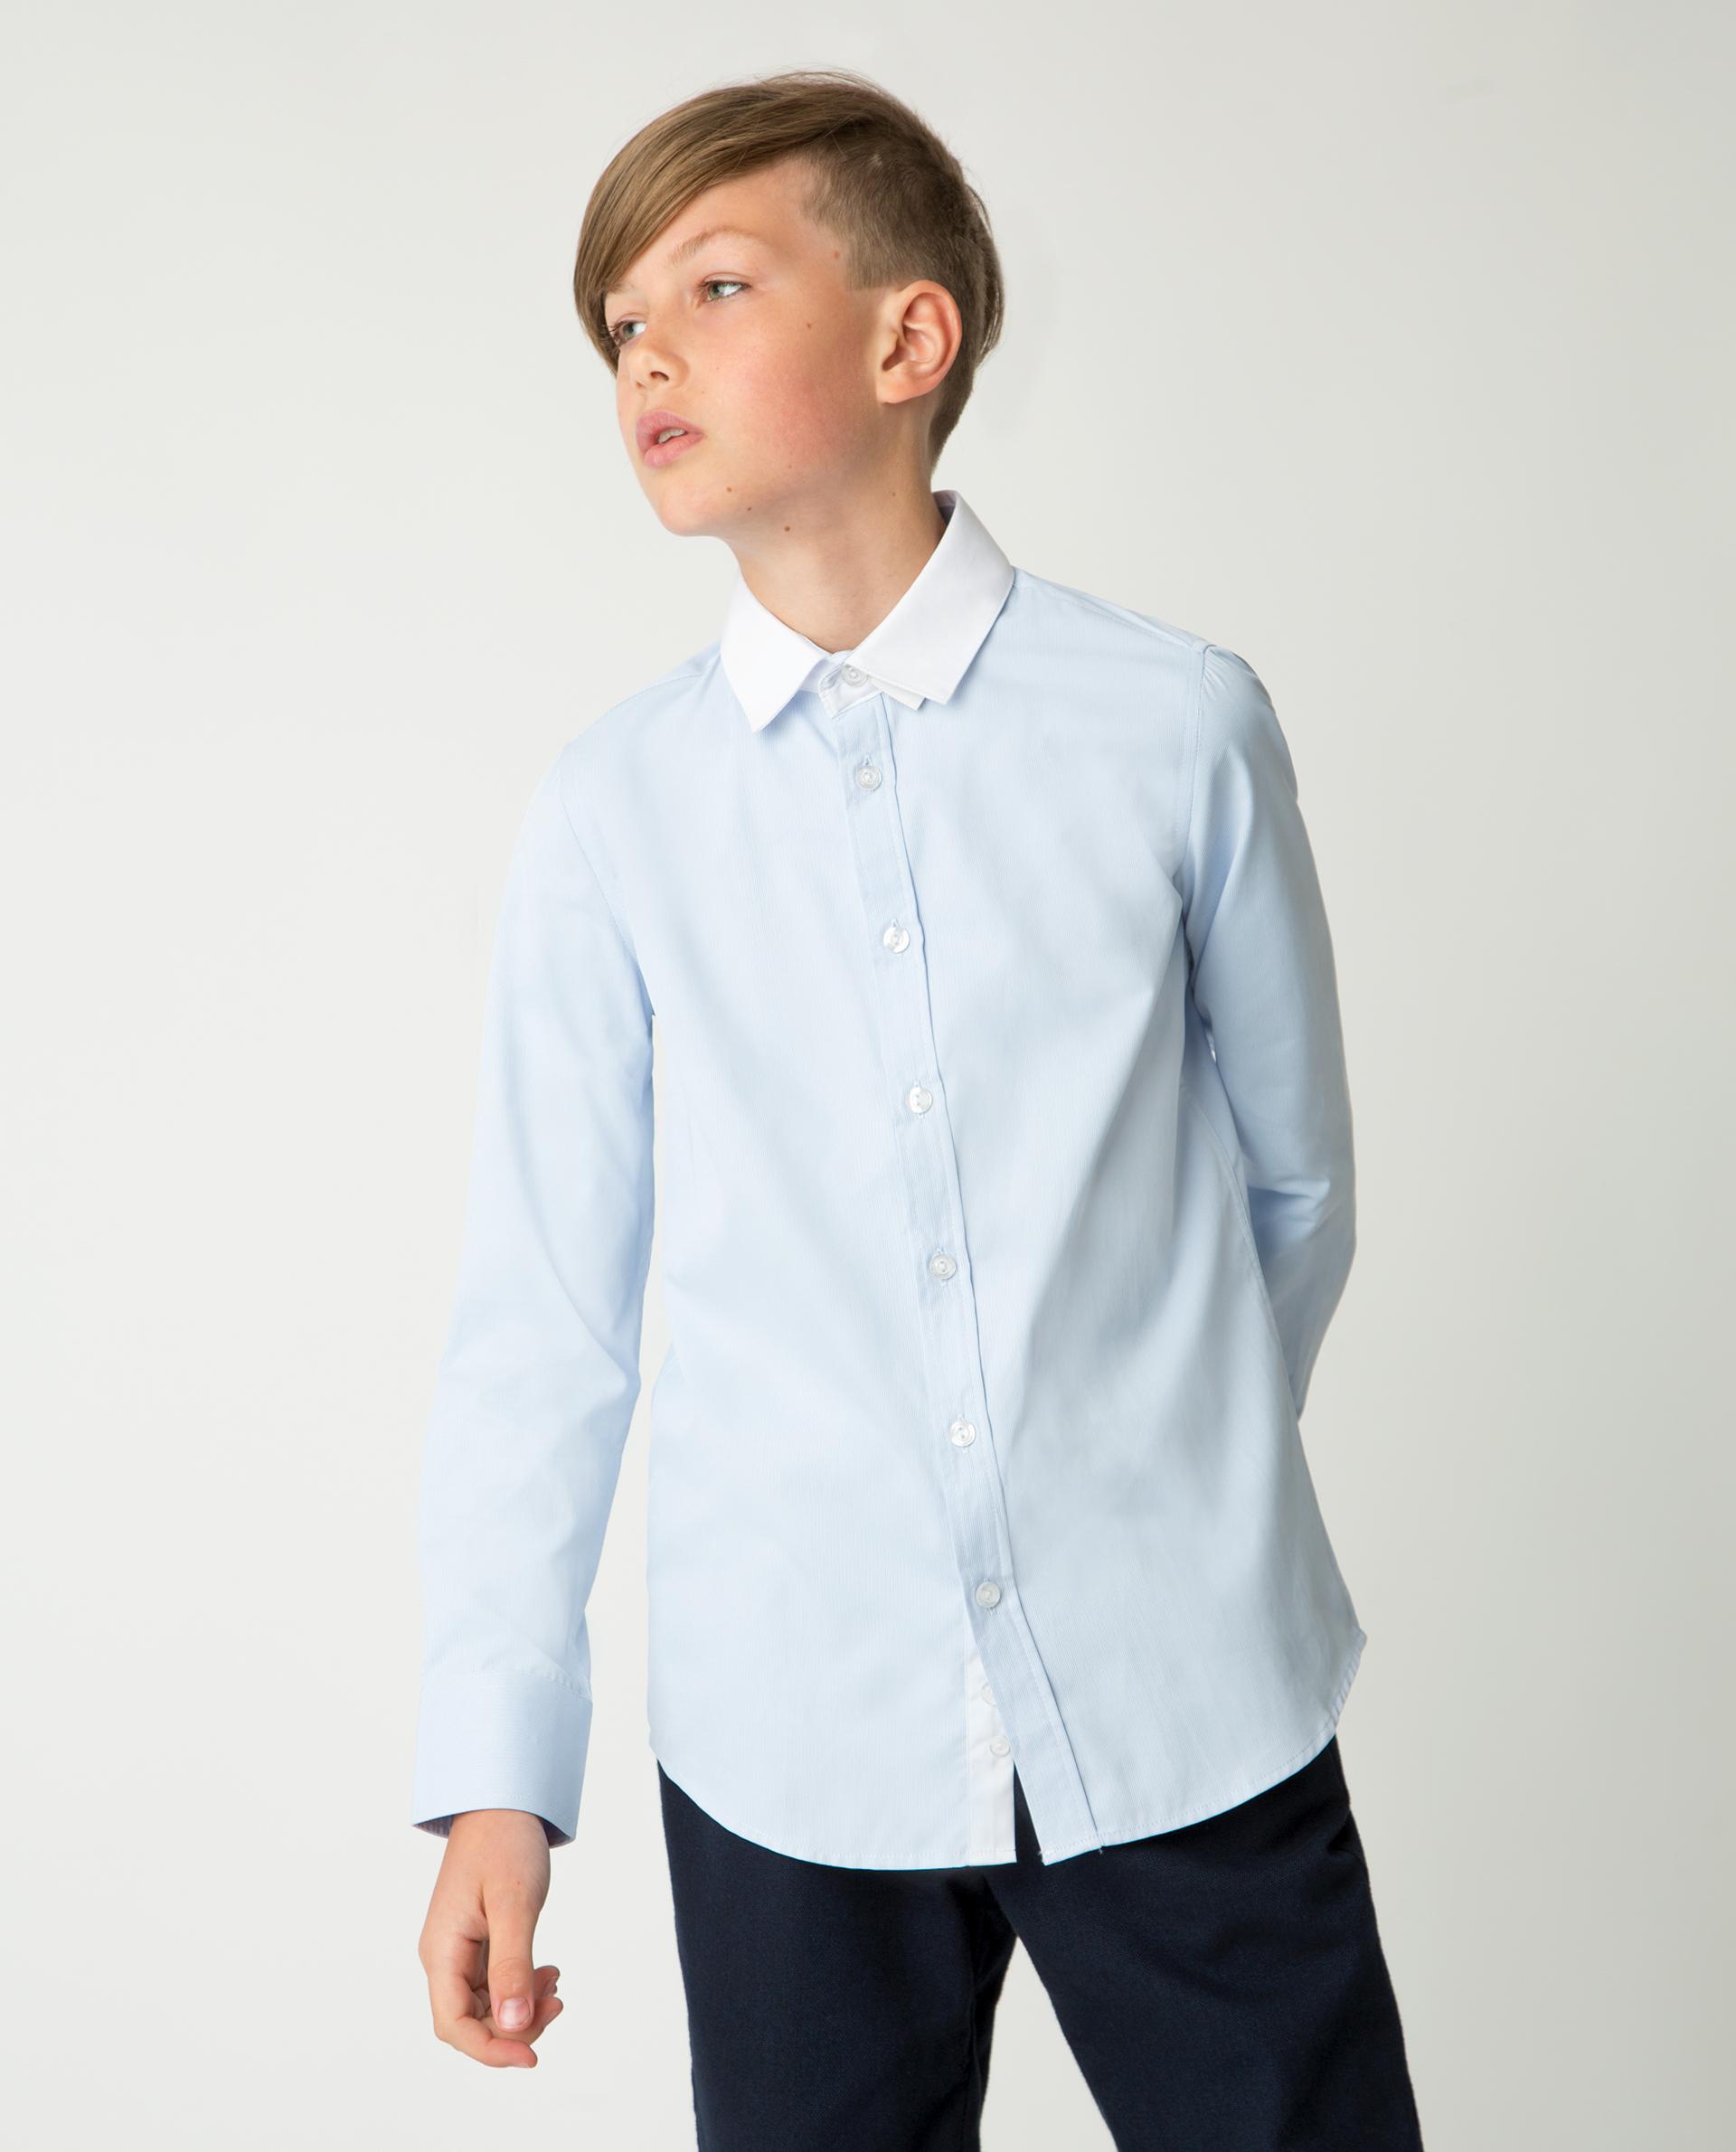 Купить 220GSBC2318, Голубая рубашка Gulliver, голубой, 122, Мужской, Демисезон, ШКОЛЬНАЯ ФОРМА 2020-2021 (shop: GulliverMarket Gulliver Market)